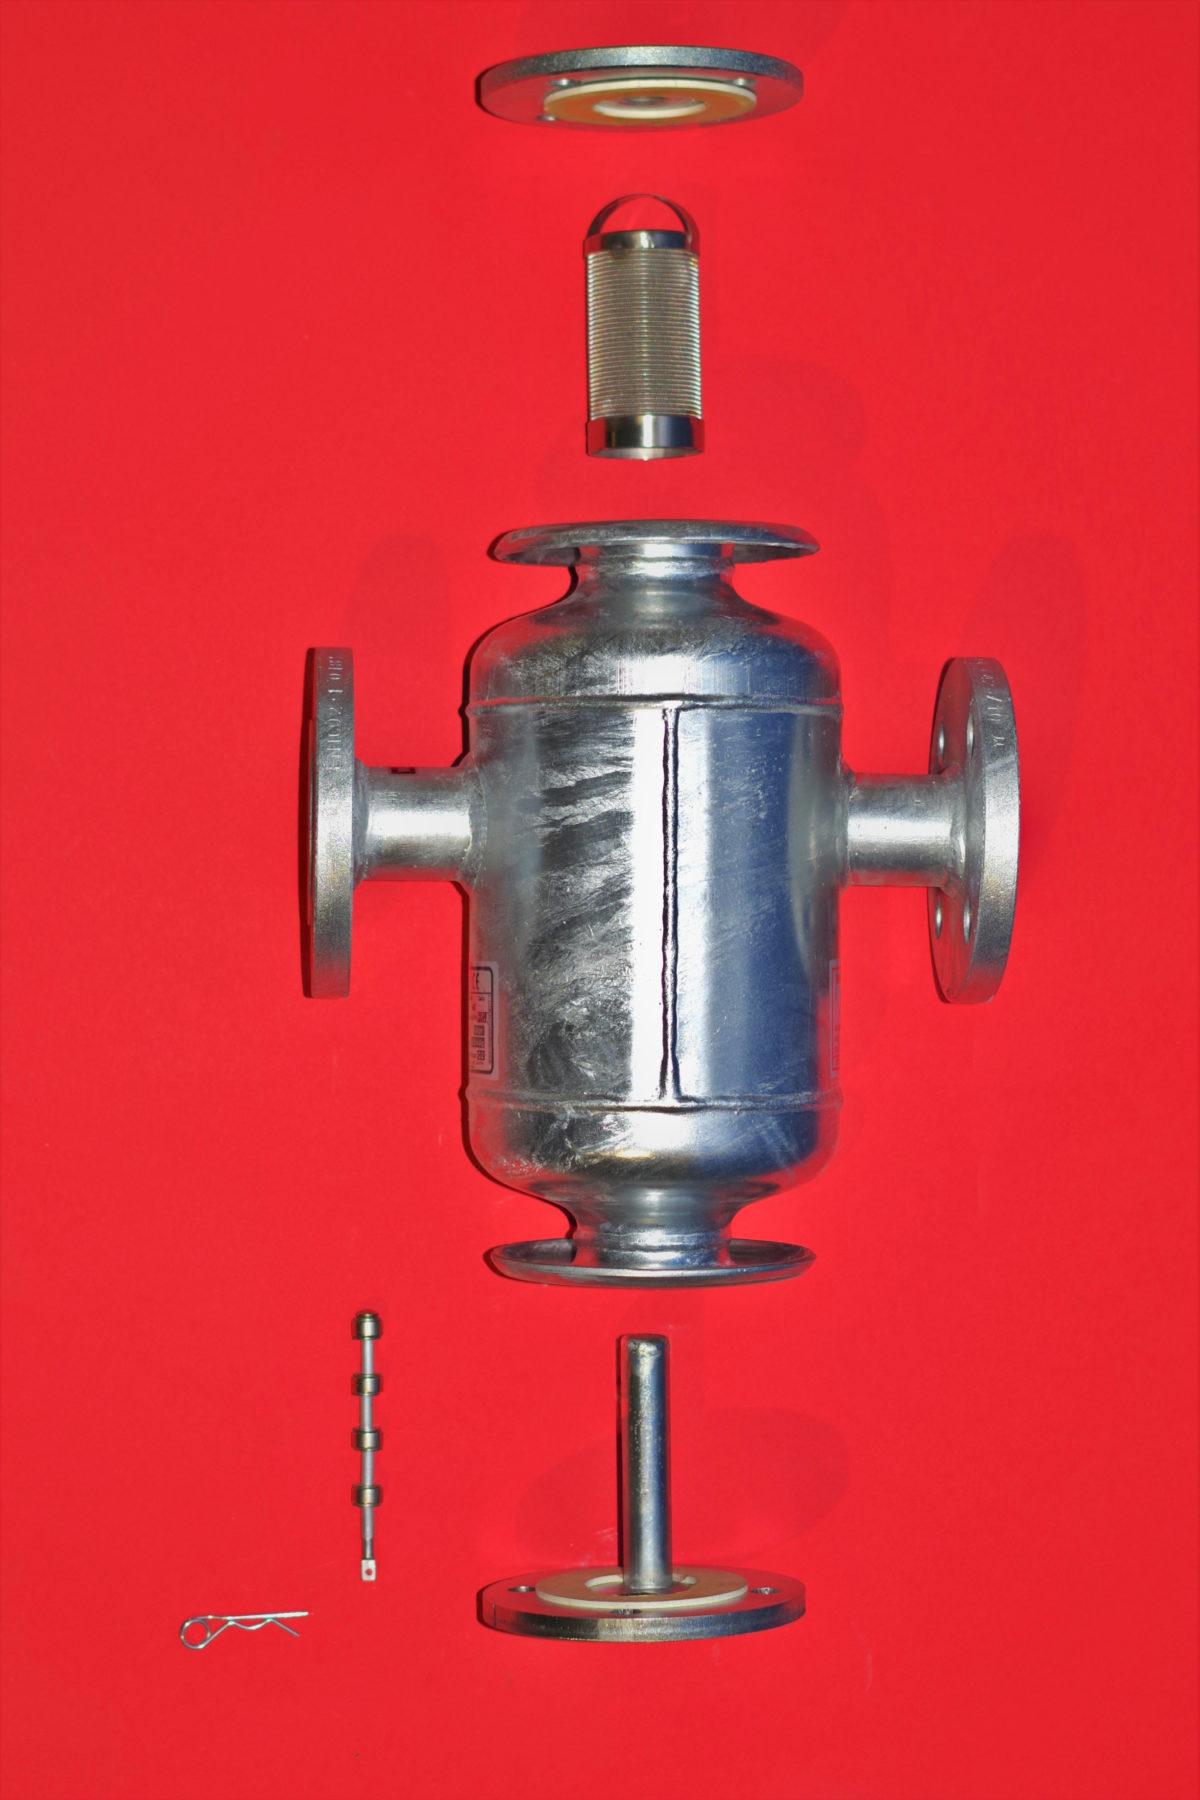 Elementy magnetoodmulacza TerFM, stos magnetyczny i osłona chroniąca przed osadami